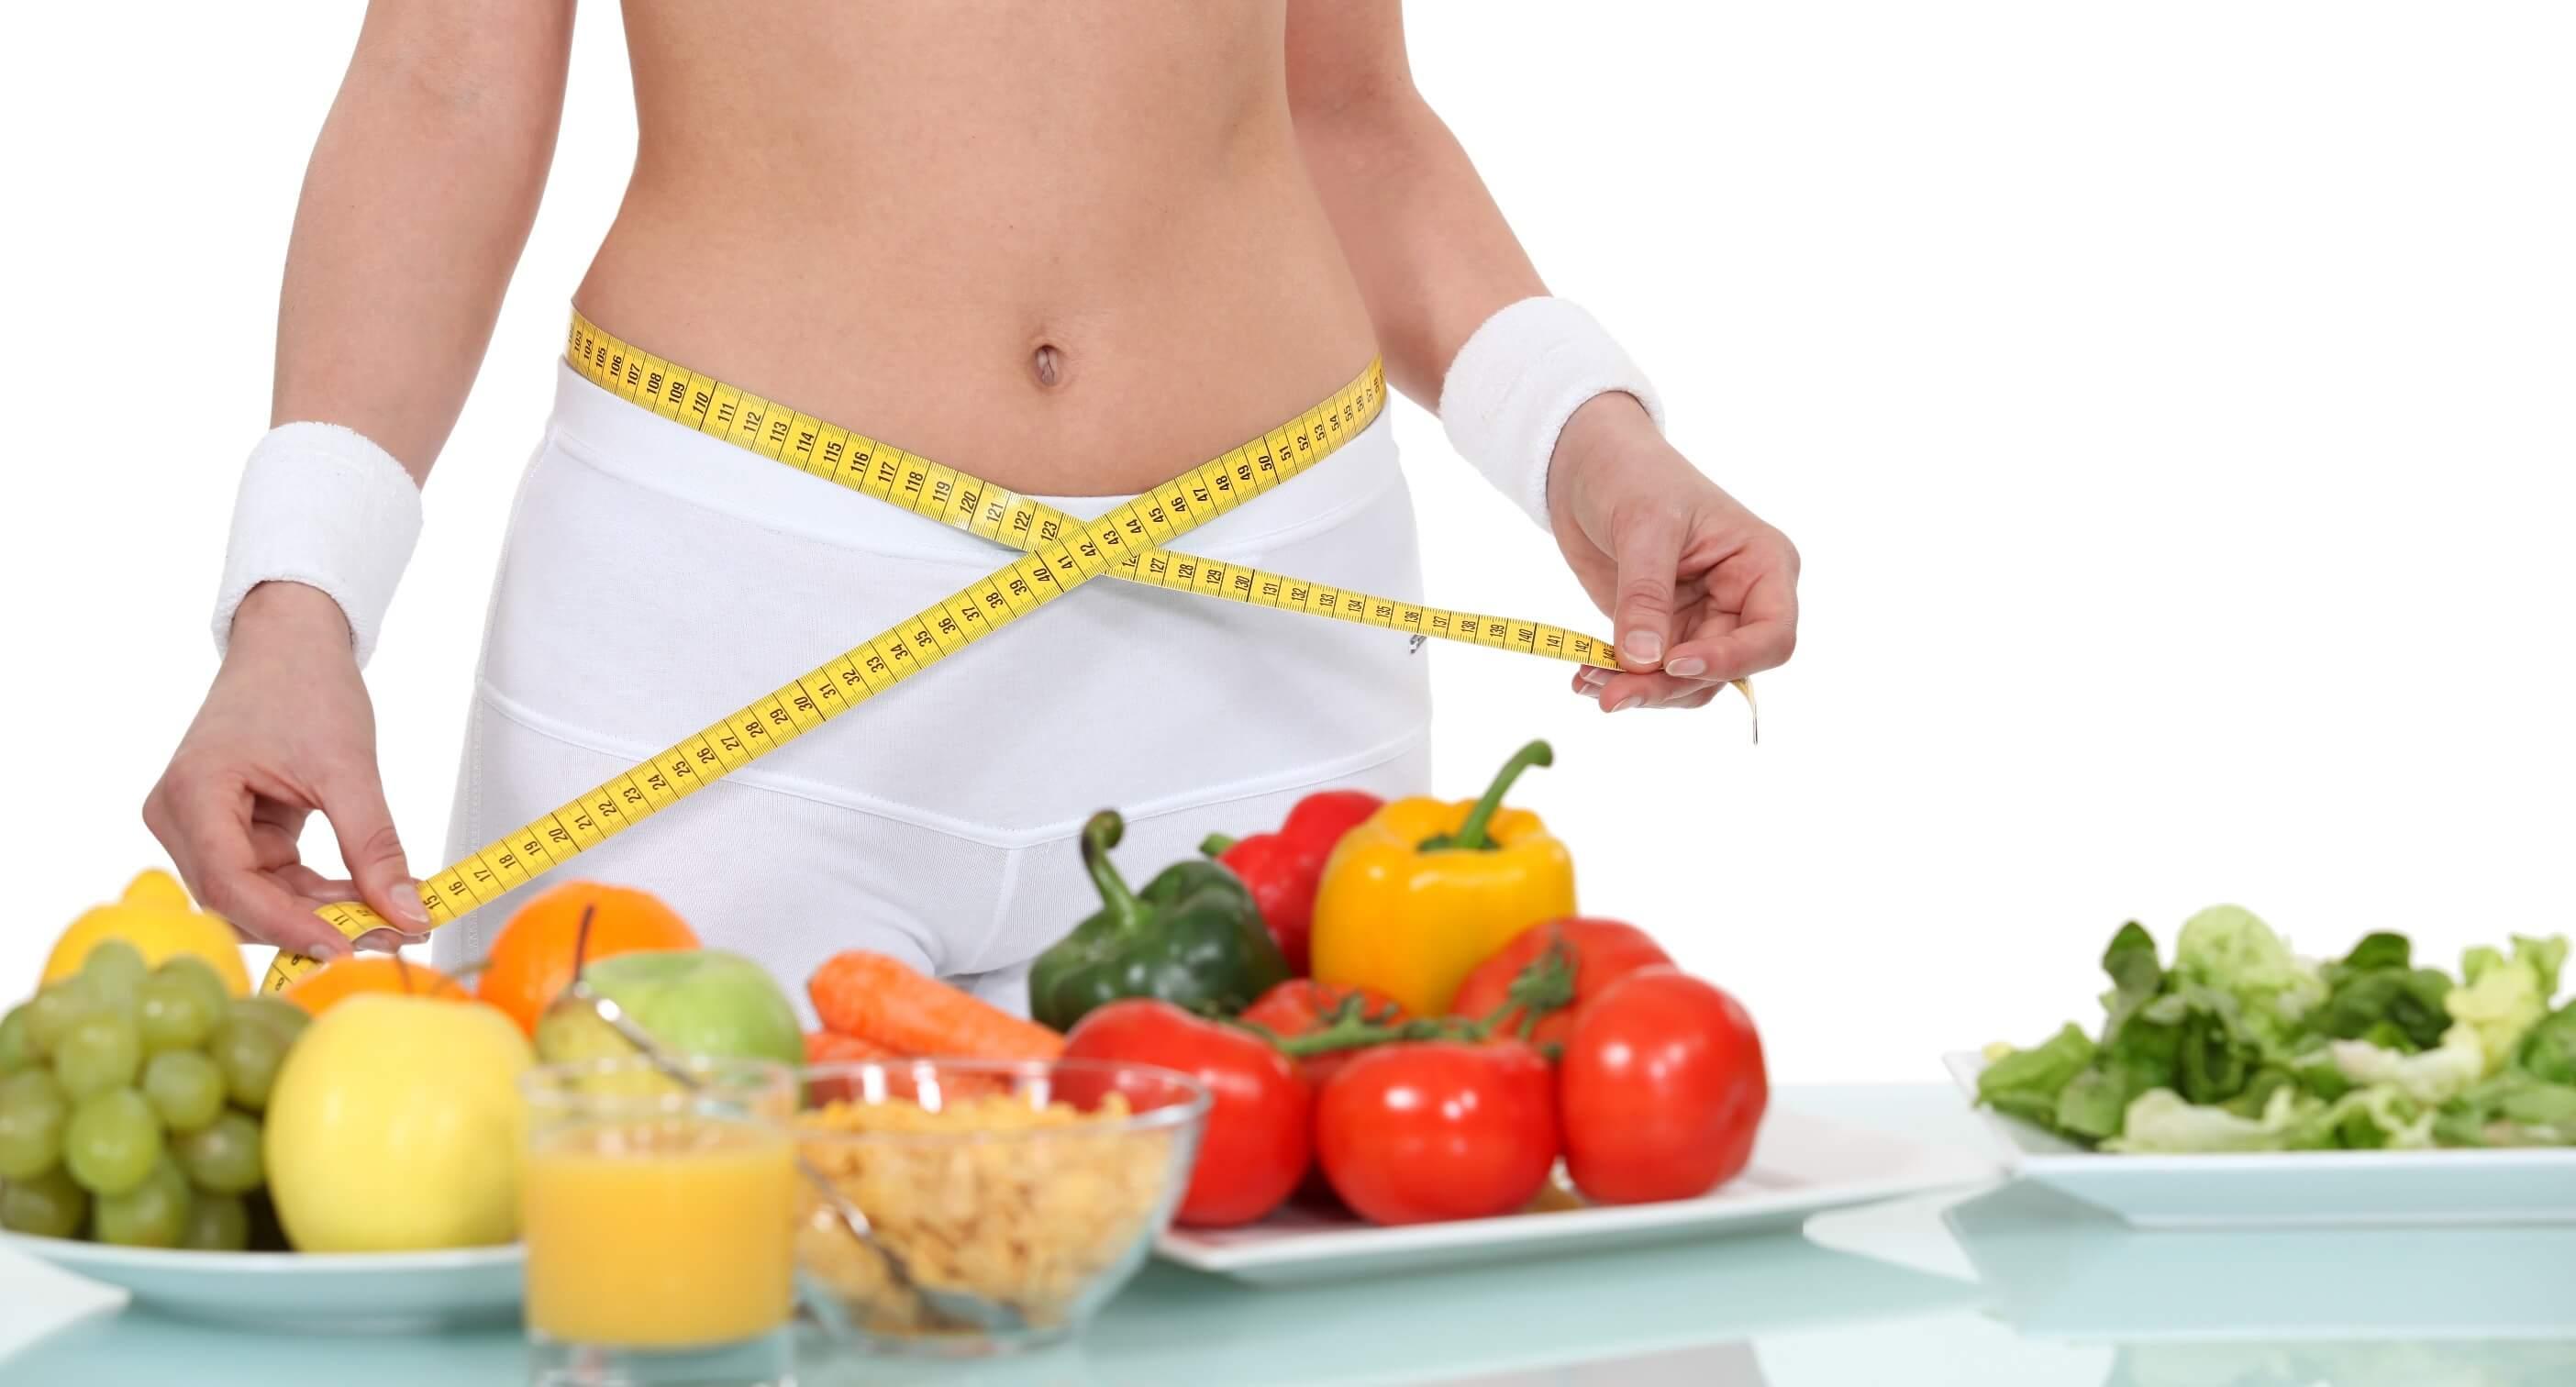 Программа правильного питания для похудения prestamos.